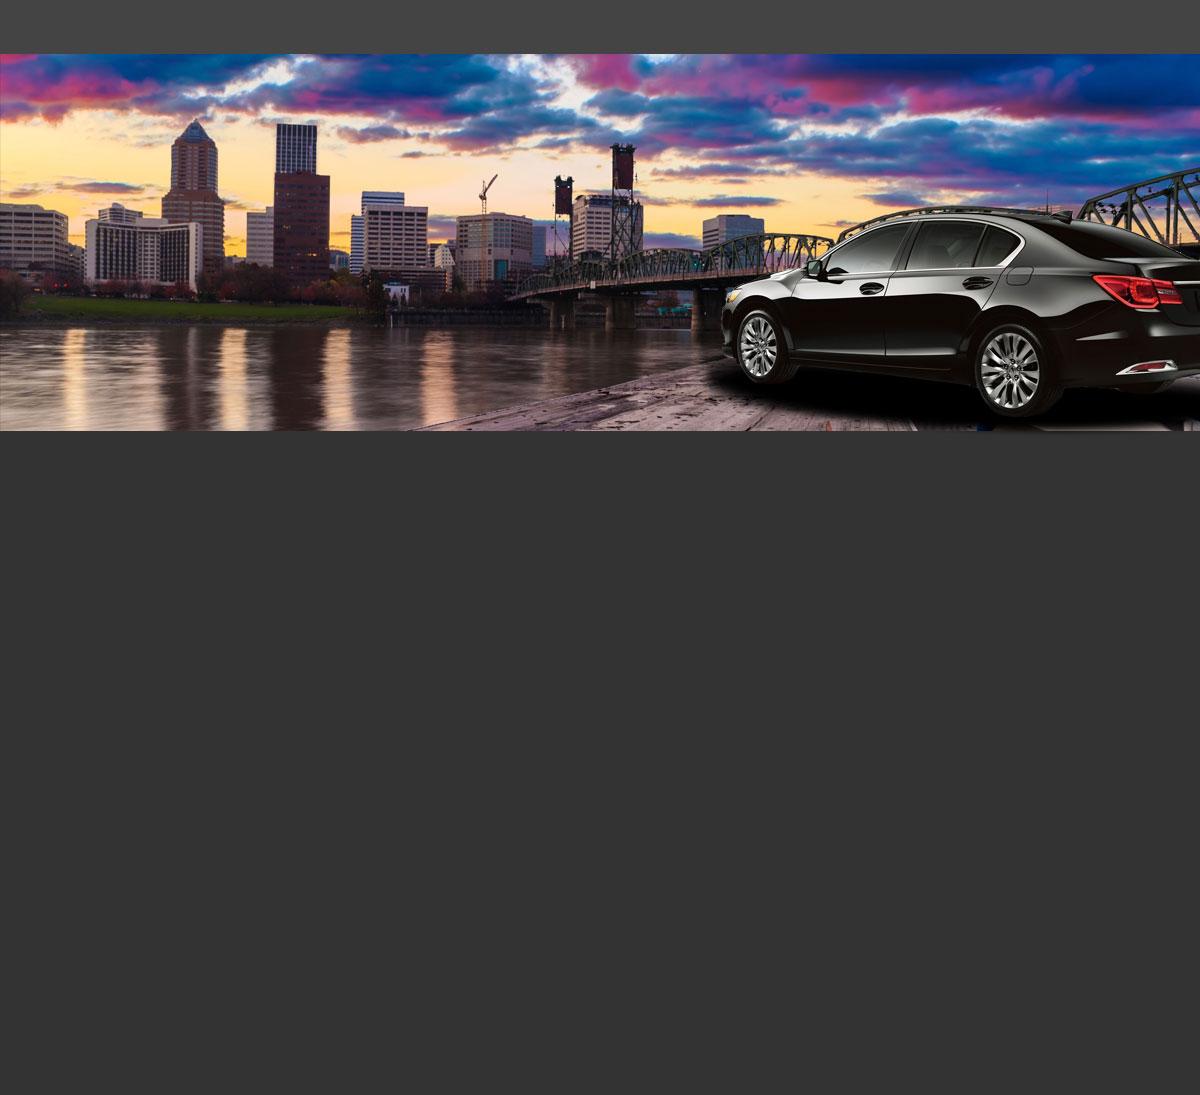 https://post.carsforsale.com/dealerimagefiles/custom/145165/ss/1.jpg